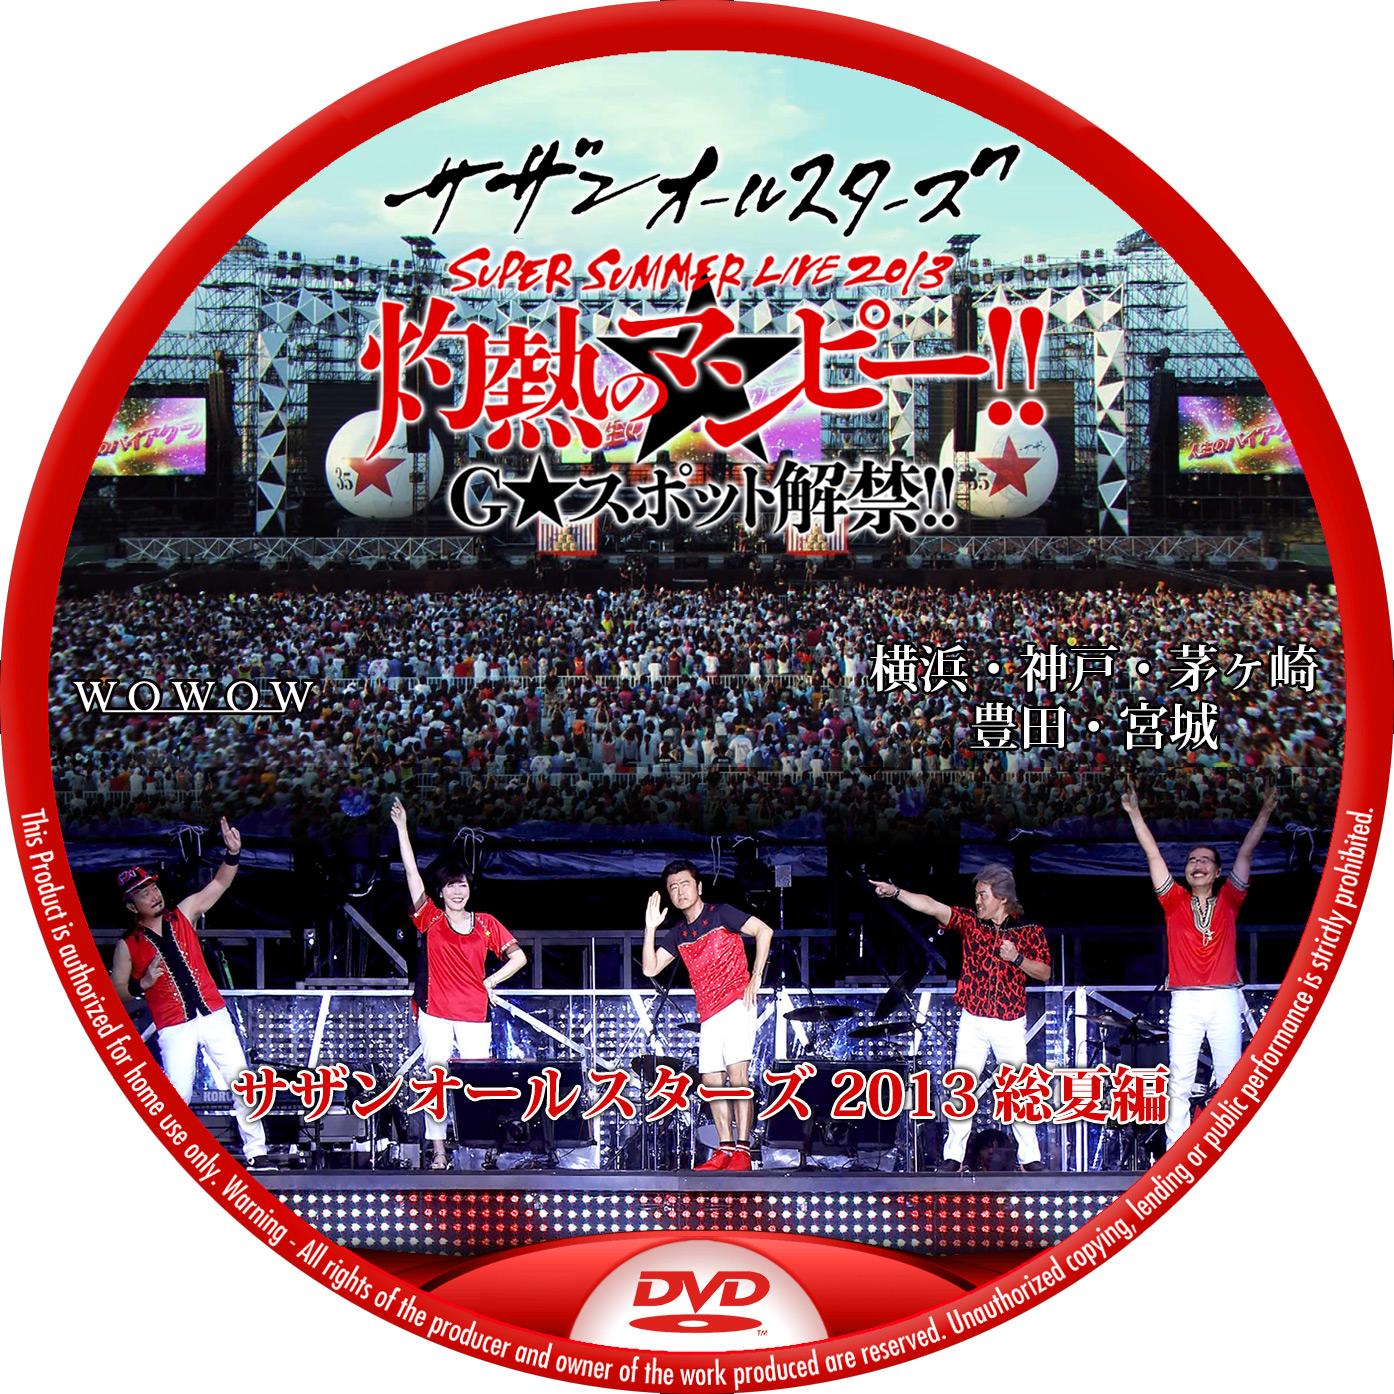 WOWOW 灼熱のマンピー!! G★スポット解禁 スペシャル DVDラベル